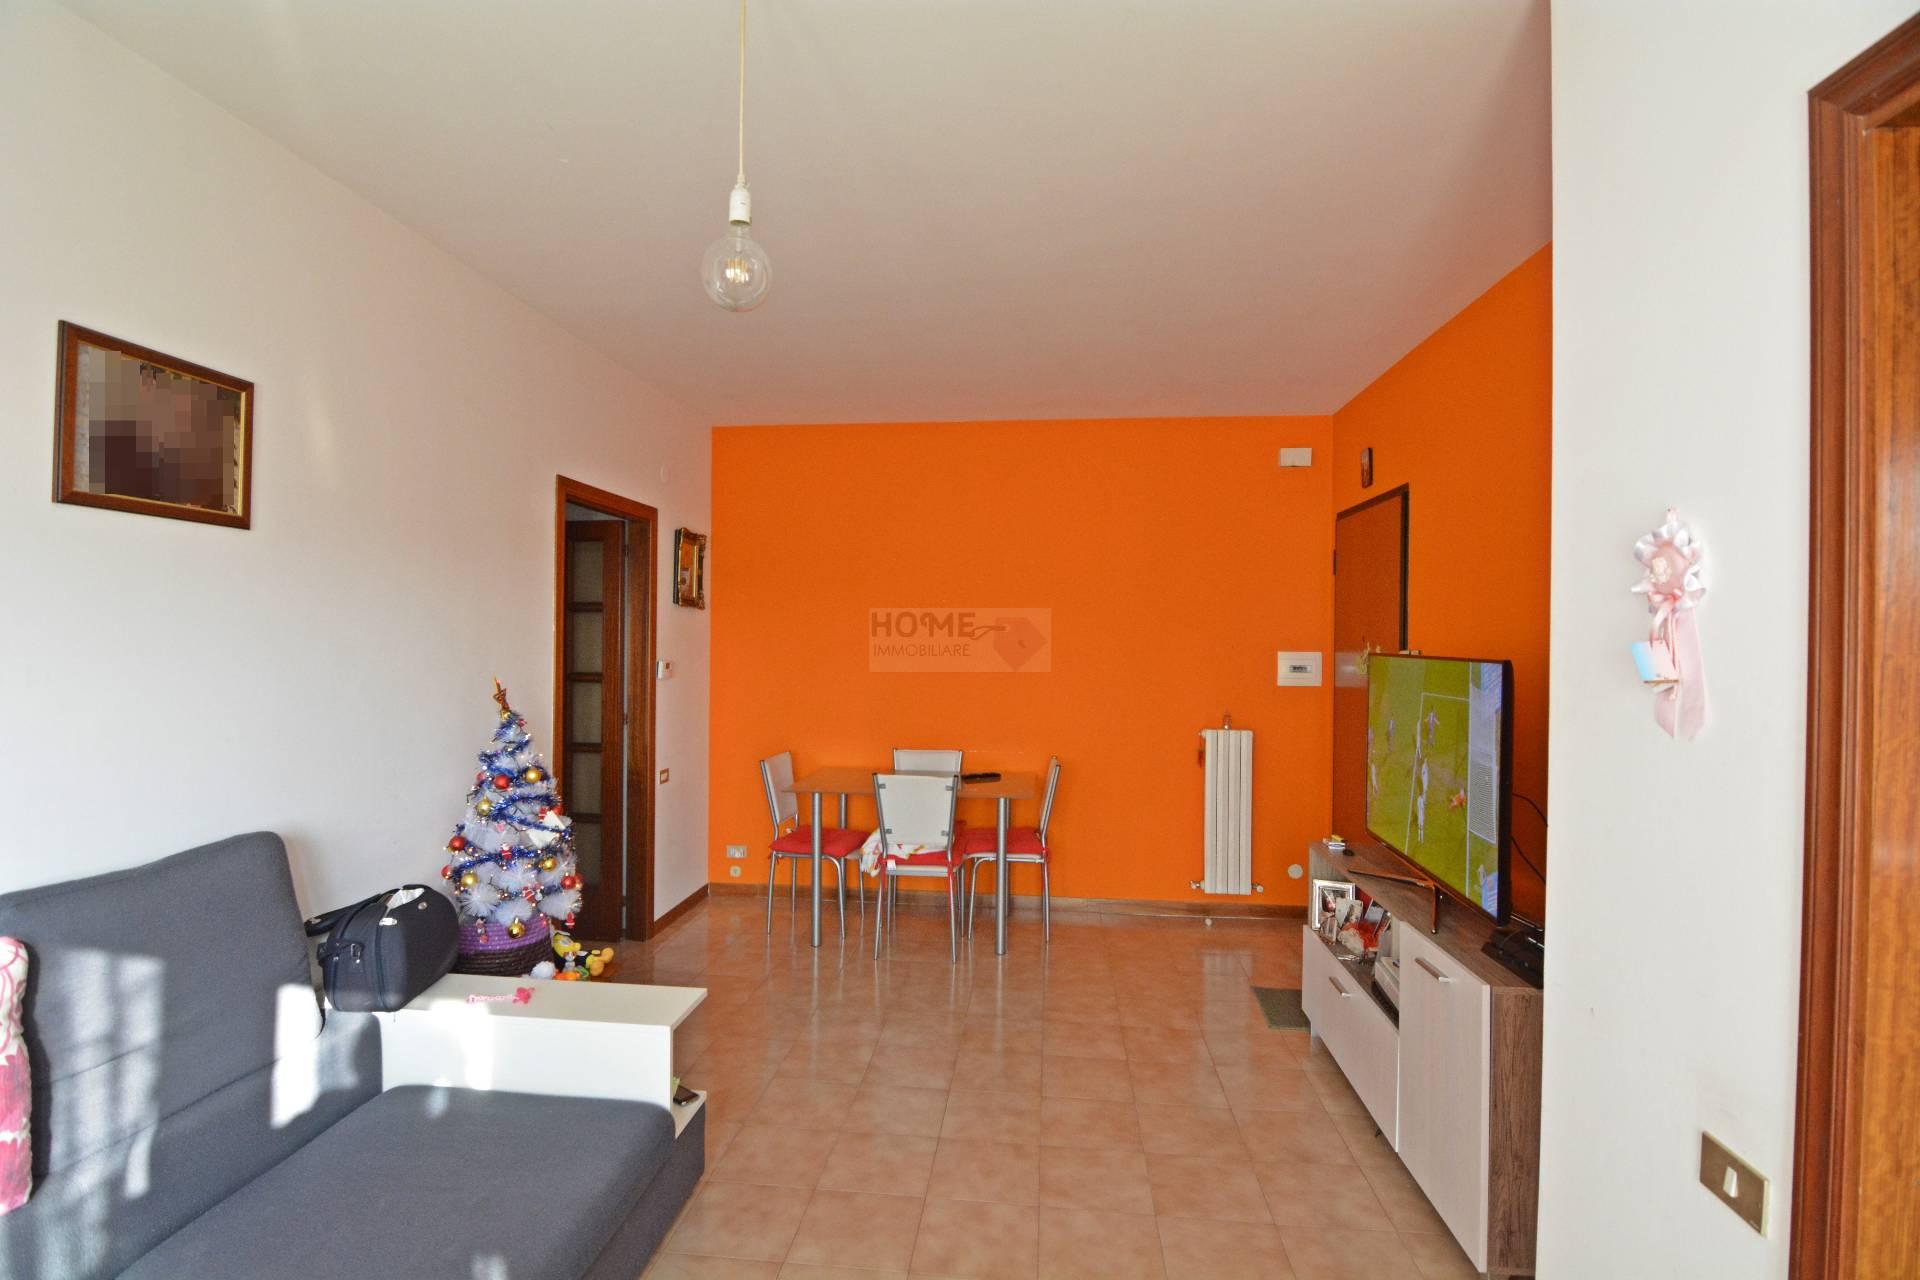 Appartamento in vendita a Macerata, 4 locali, zona Zona: Semicentrale, prezzo € 72.000 | CambioCasa.it